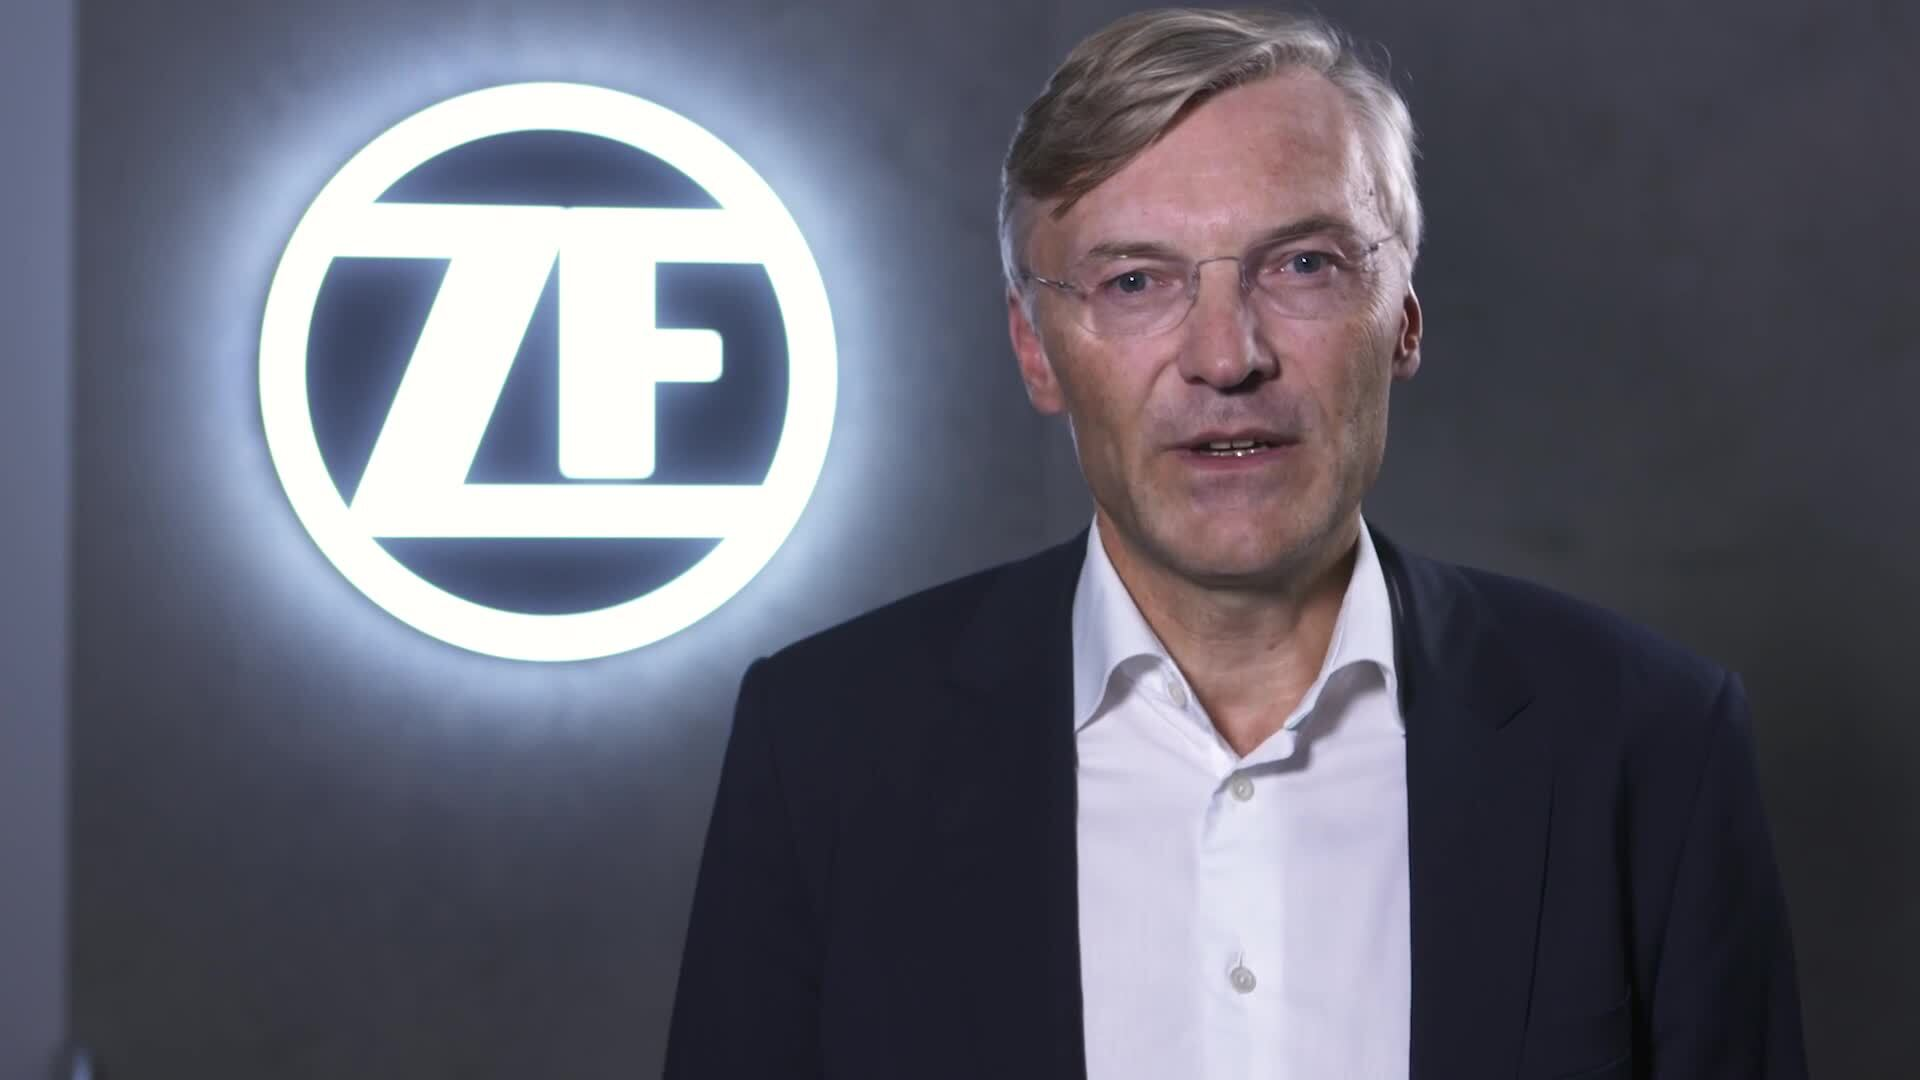 Wolf-Henning Scheider, Vorstandsvorsitzender der ZF, zur IAA 2018